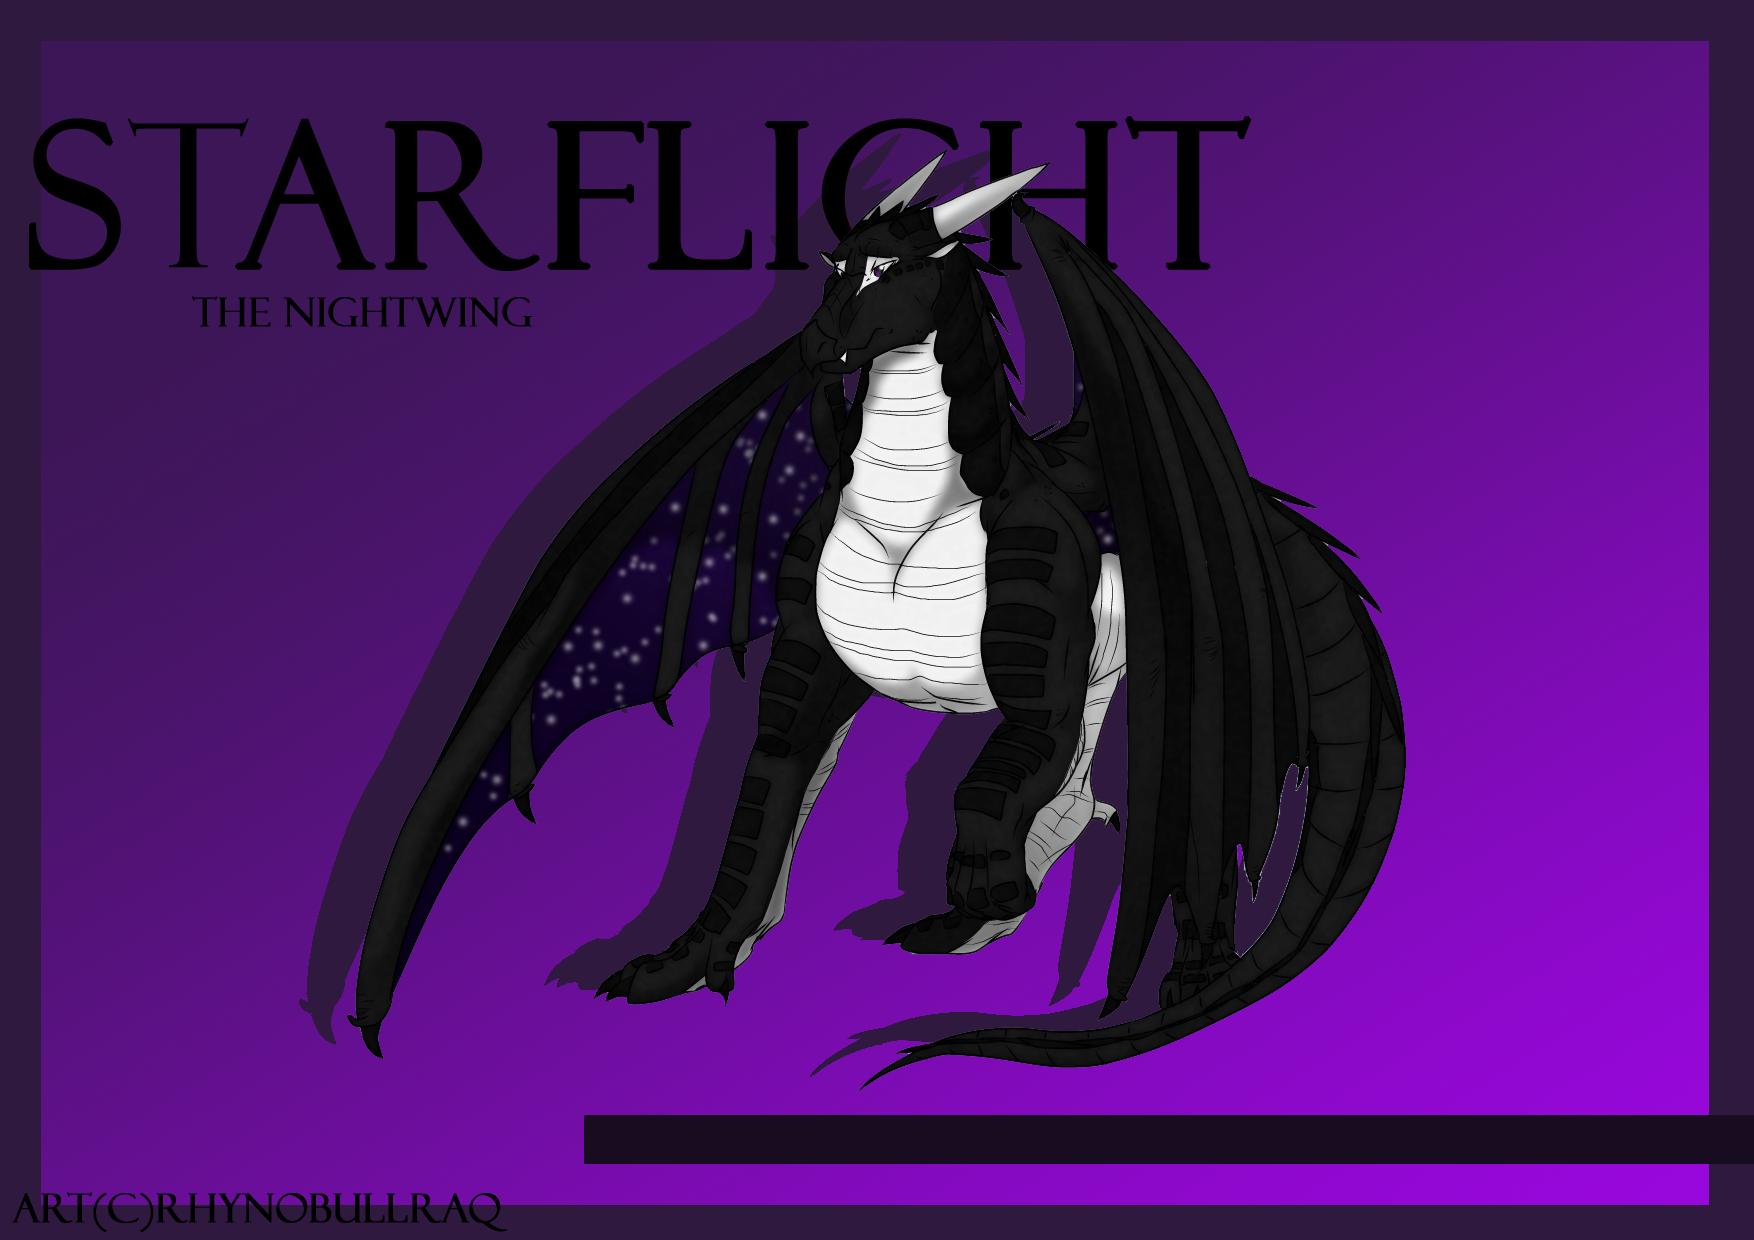 Starflight By Rhynobullraq On Deviantart